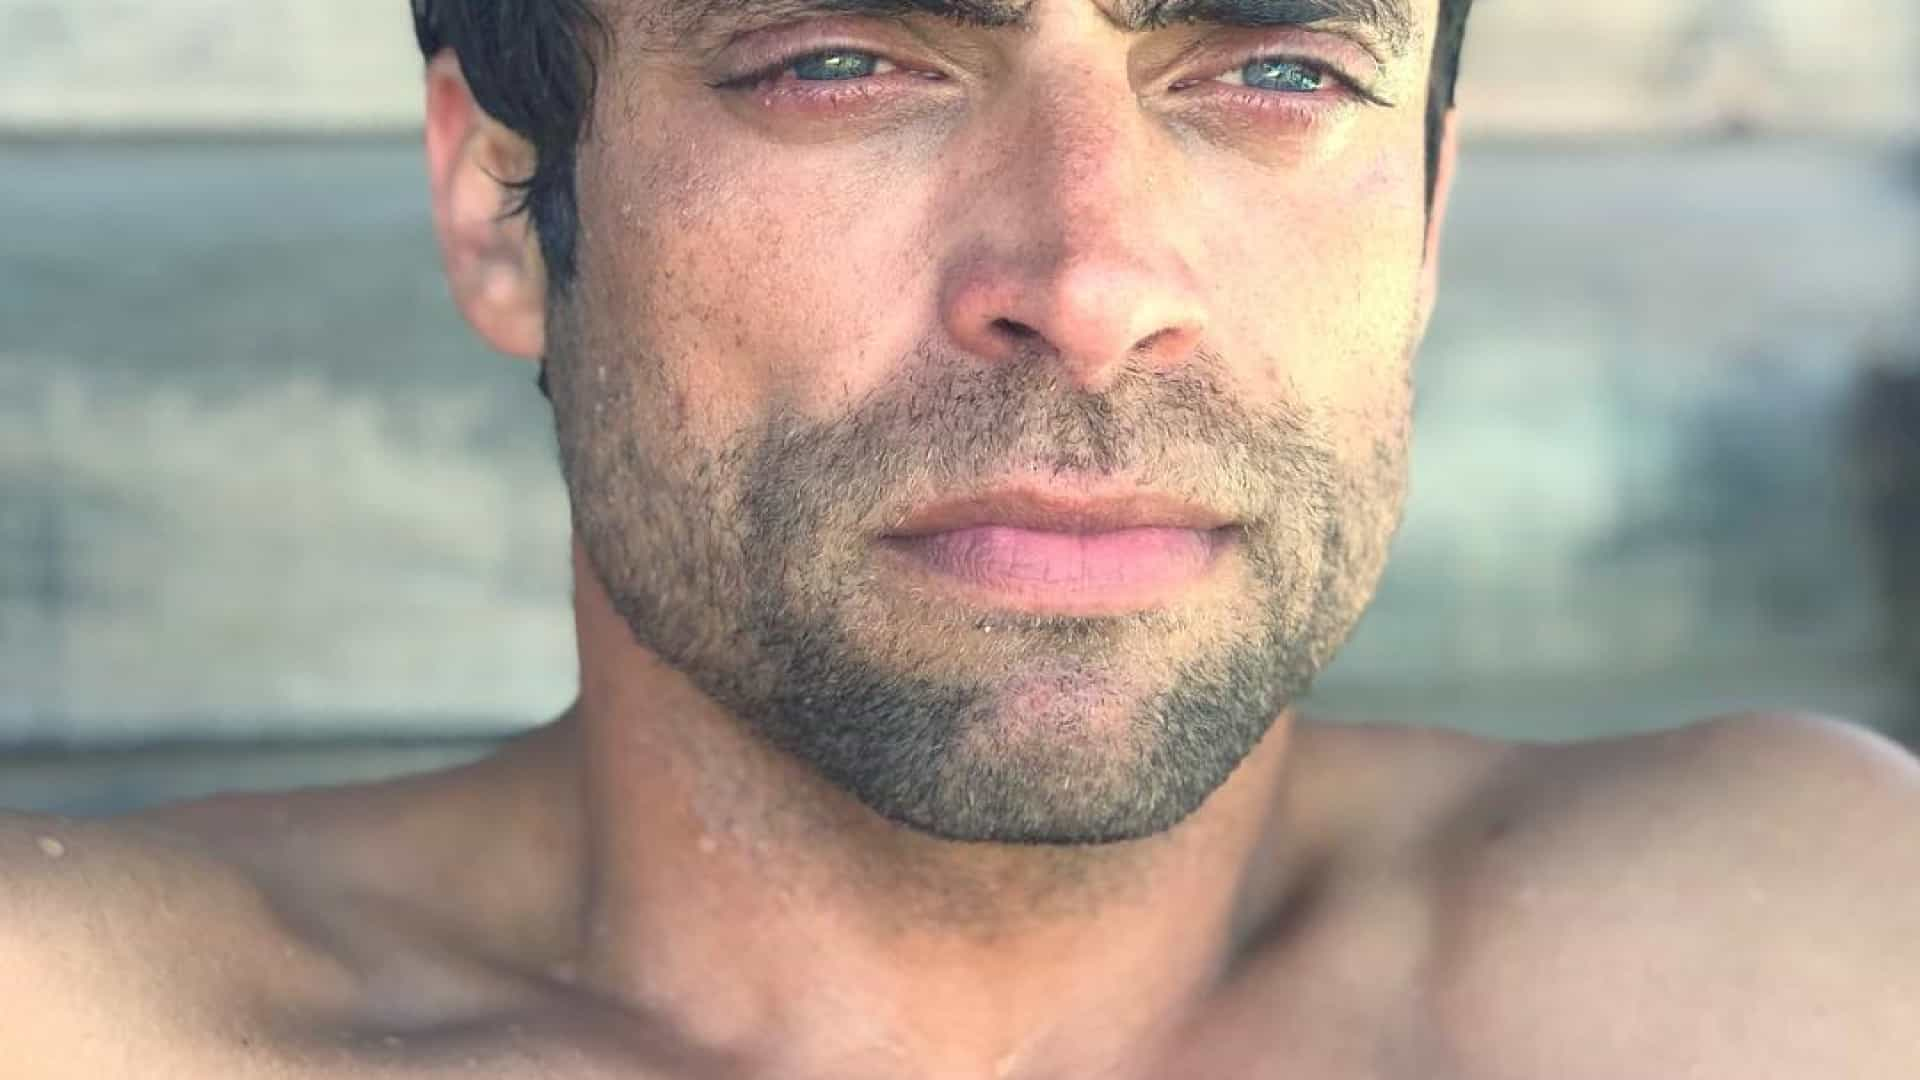 """Diogo Amaral: """"Estava tão a precisar de refletir sobre a vida"""""""